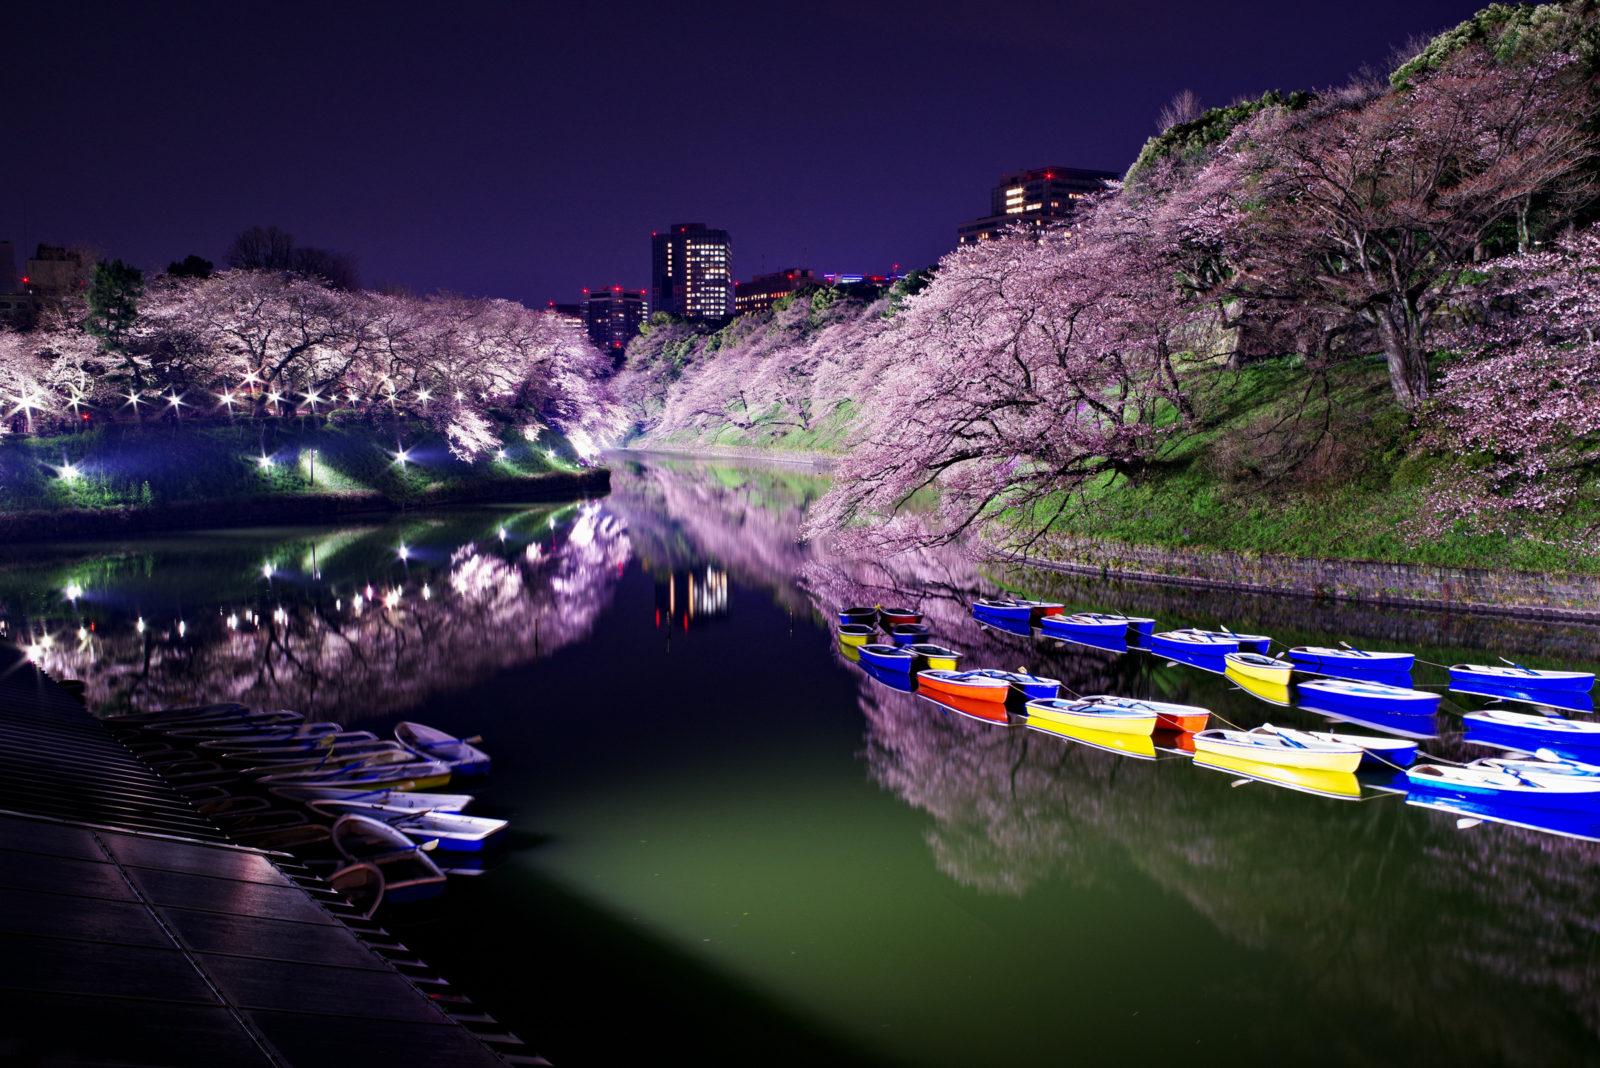 千鳥ヶ淵の桜ライトアップ | PENTAX K-1&FA35mm